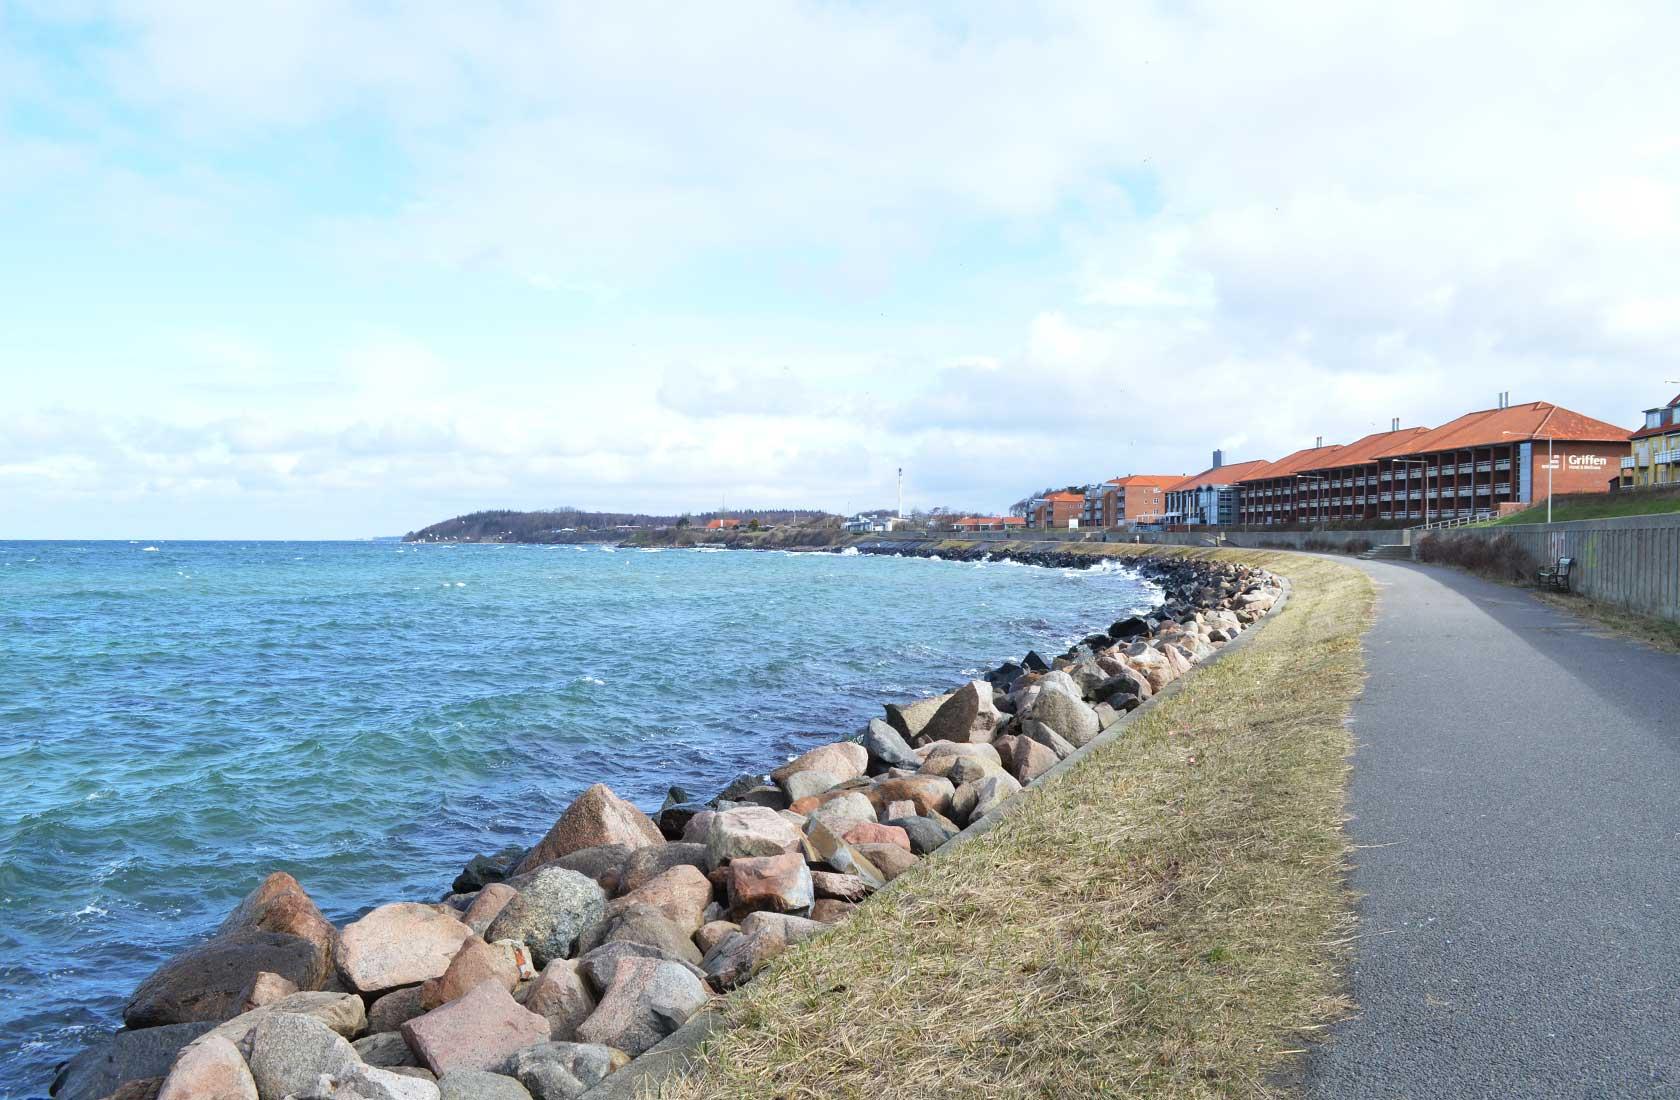 Bornholms Strandpark